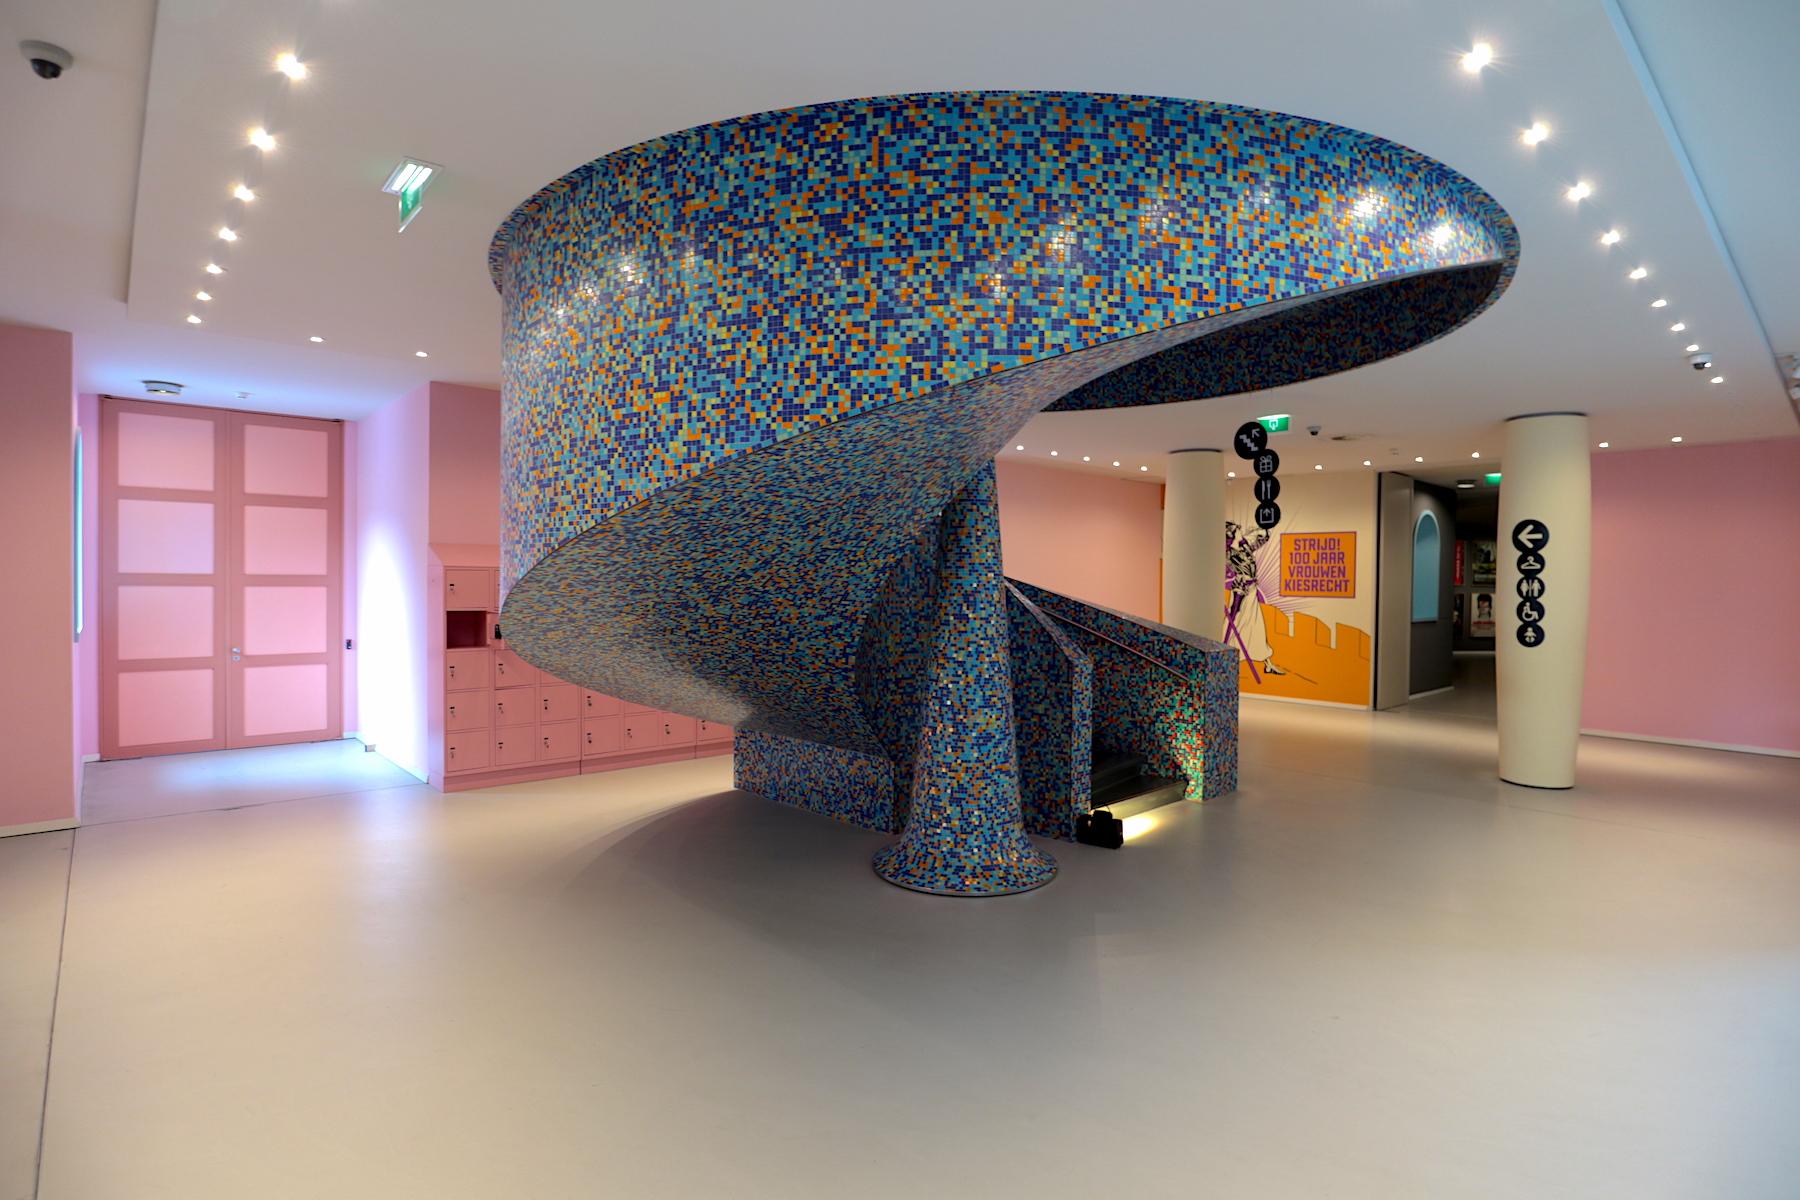 Groninger Museum. Die von Mendini gestaltete Wendeltreppe als Kunstwerk an sich mit tausenden Mosaiksteinen. Vom Eingangsbereich geht es hinunter zur Kunst.